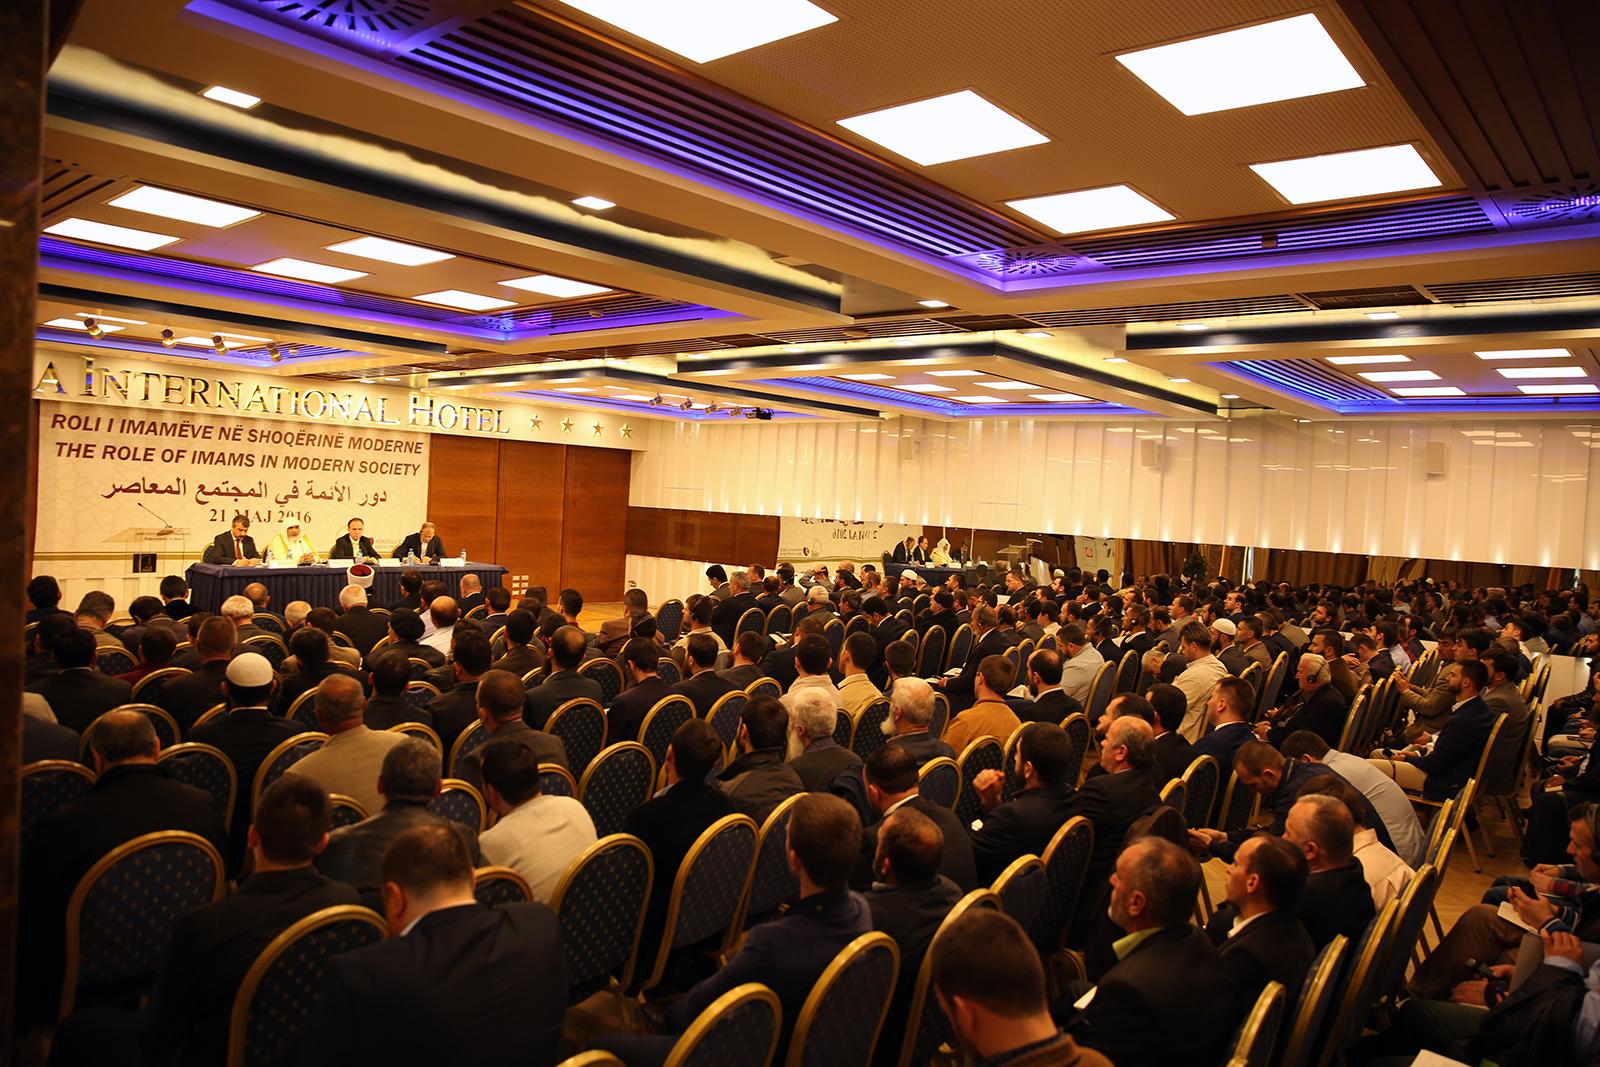 """Zhvillohet konferenca """"Roli i imamëve në shoqërinë moderne"""""""